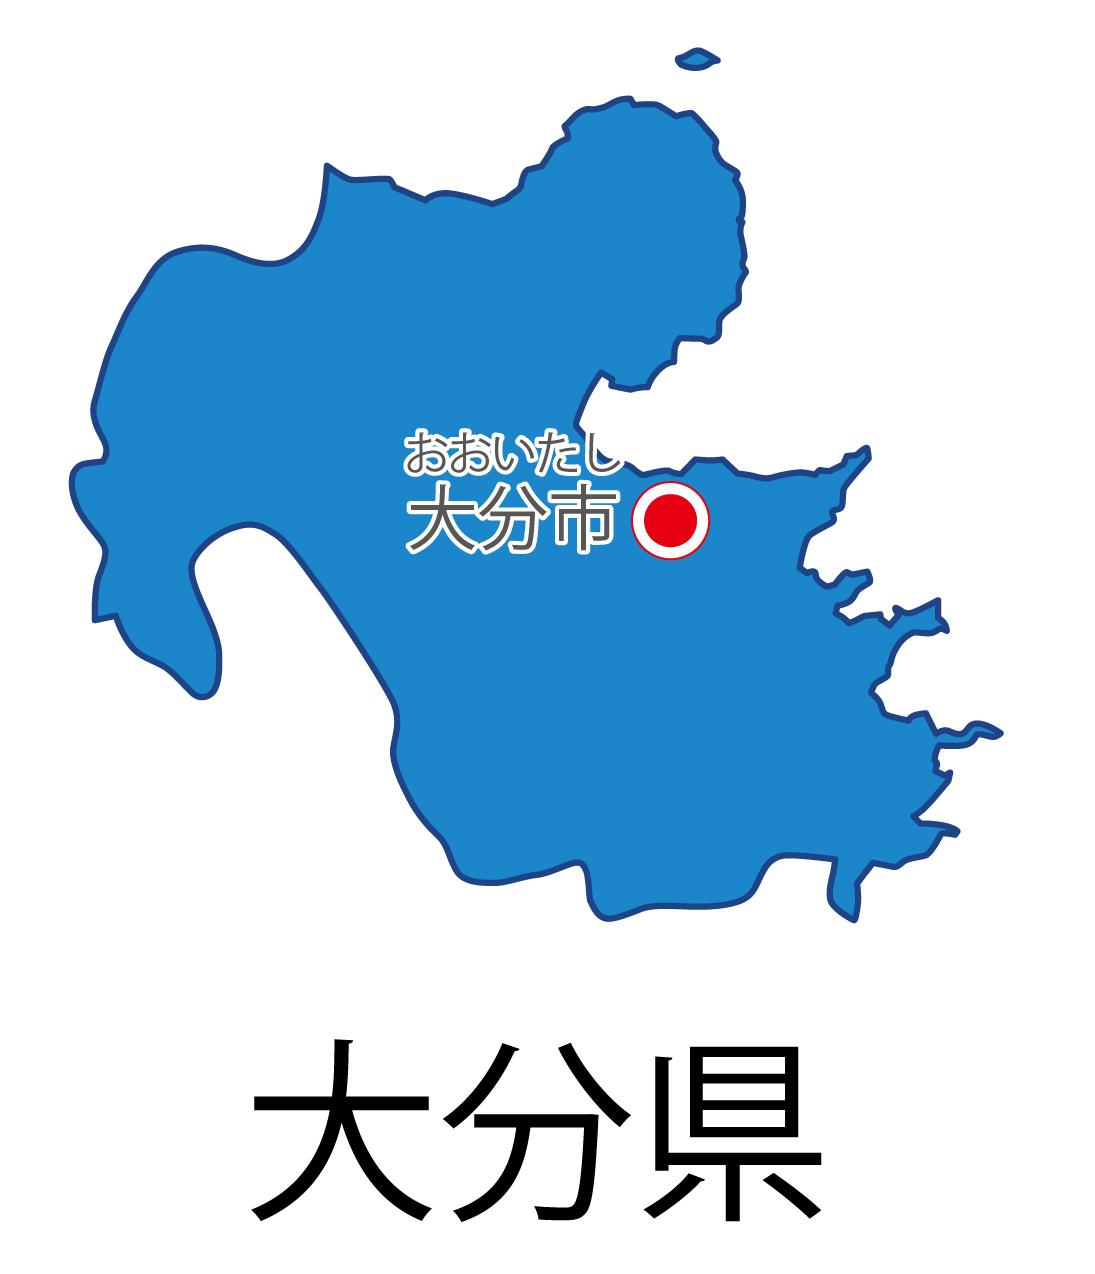 大分県無料フリーイラスト|日本語・都道府県名あり・県庁所在地あり・ルビあり(青)